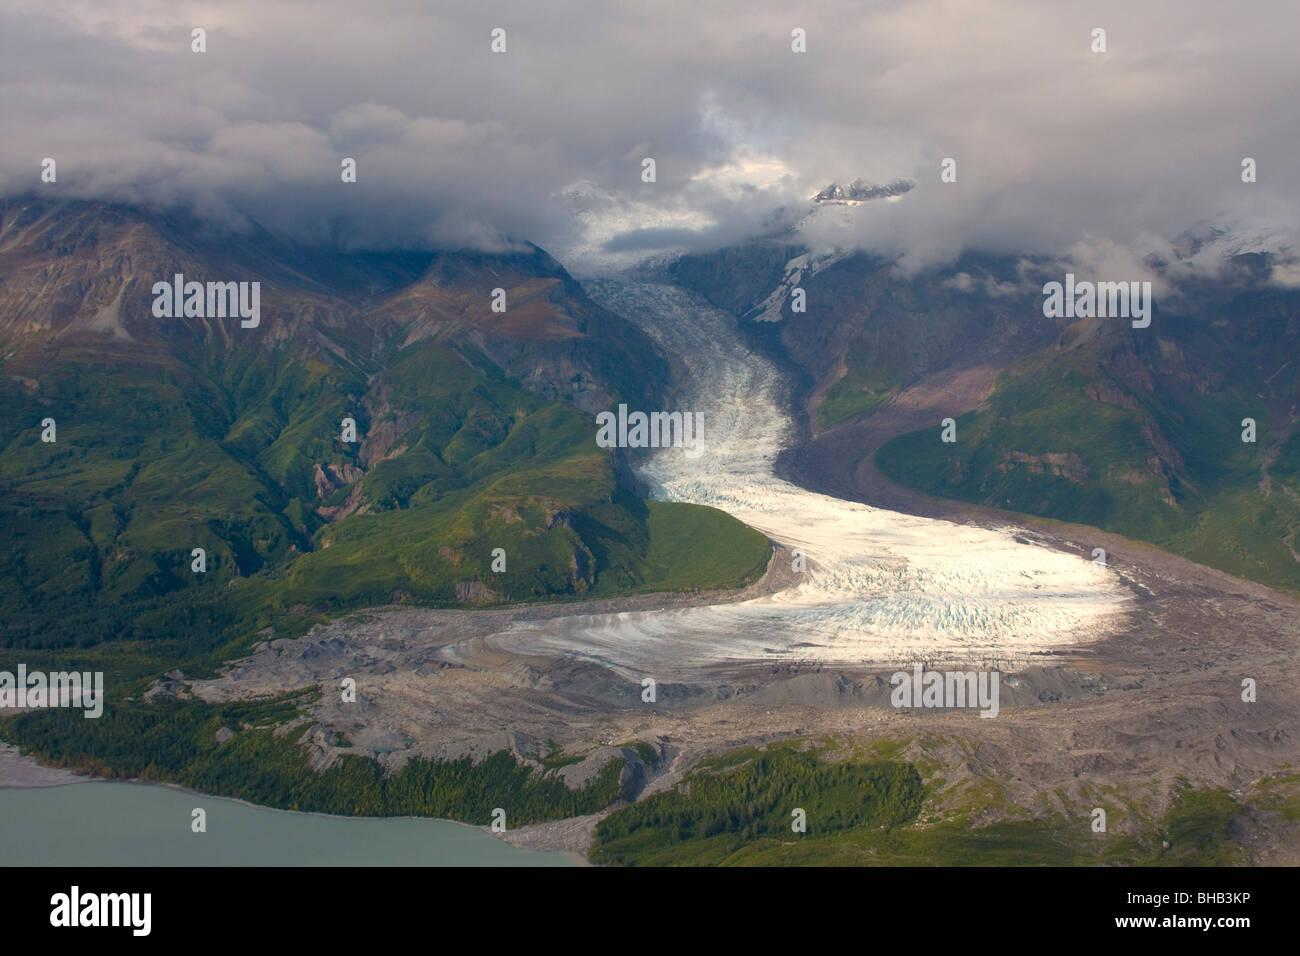 Ansicht des Barriere-Gletschers in der Ostseite des Chakachamna-See, Alaska Range-HDR-Bild Stockbild